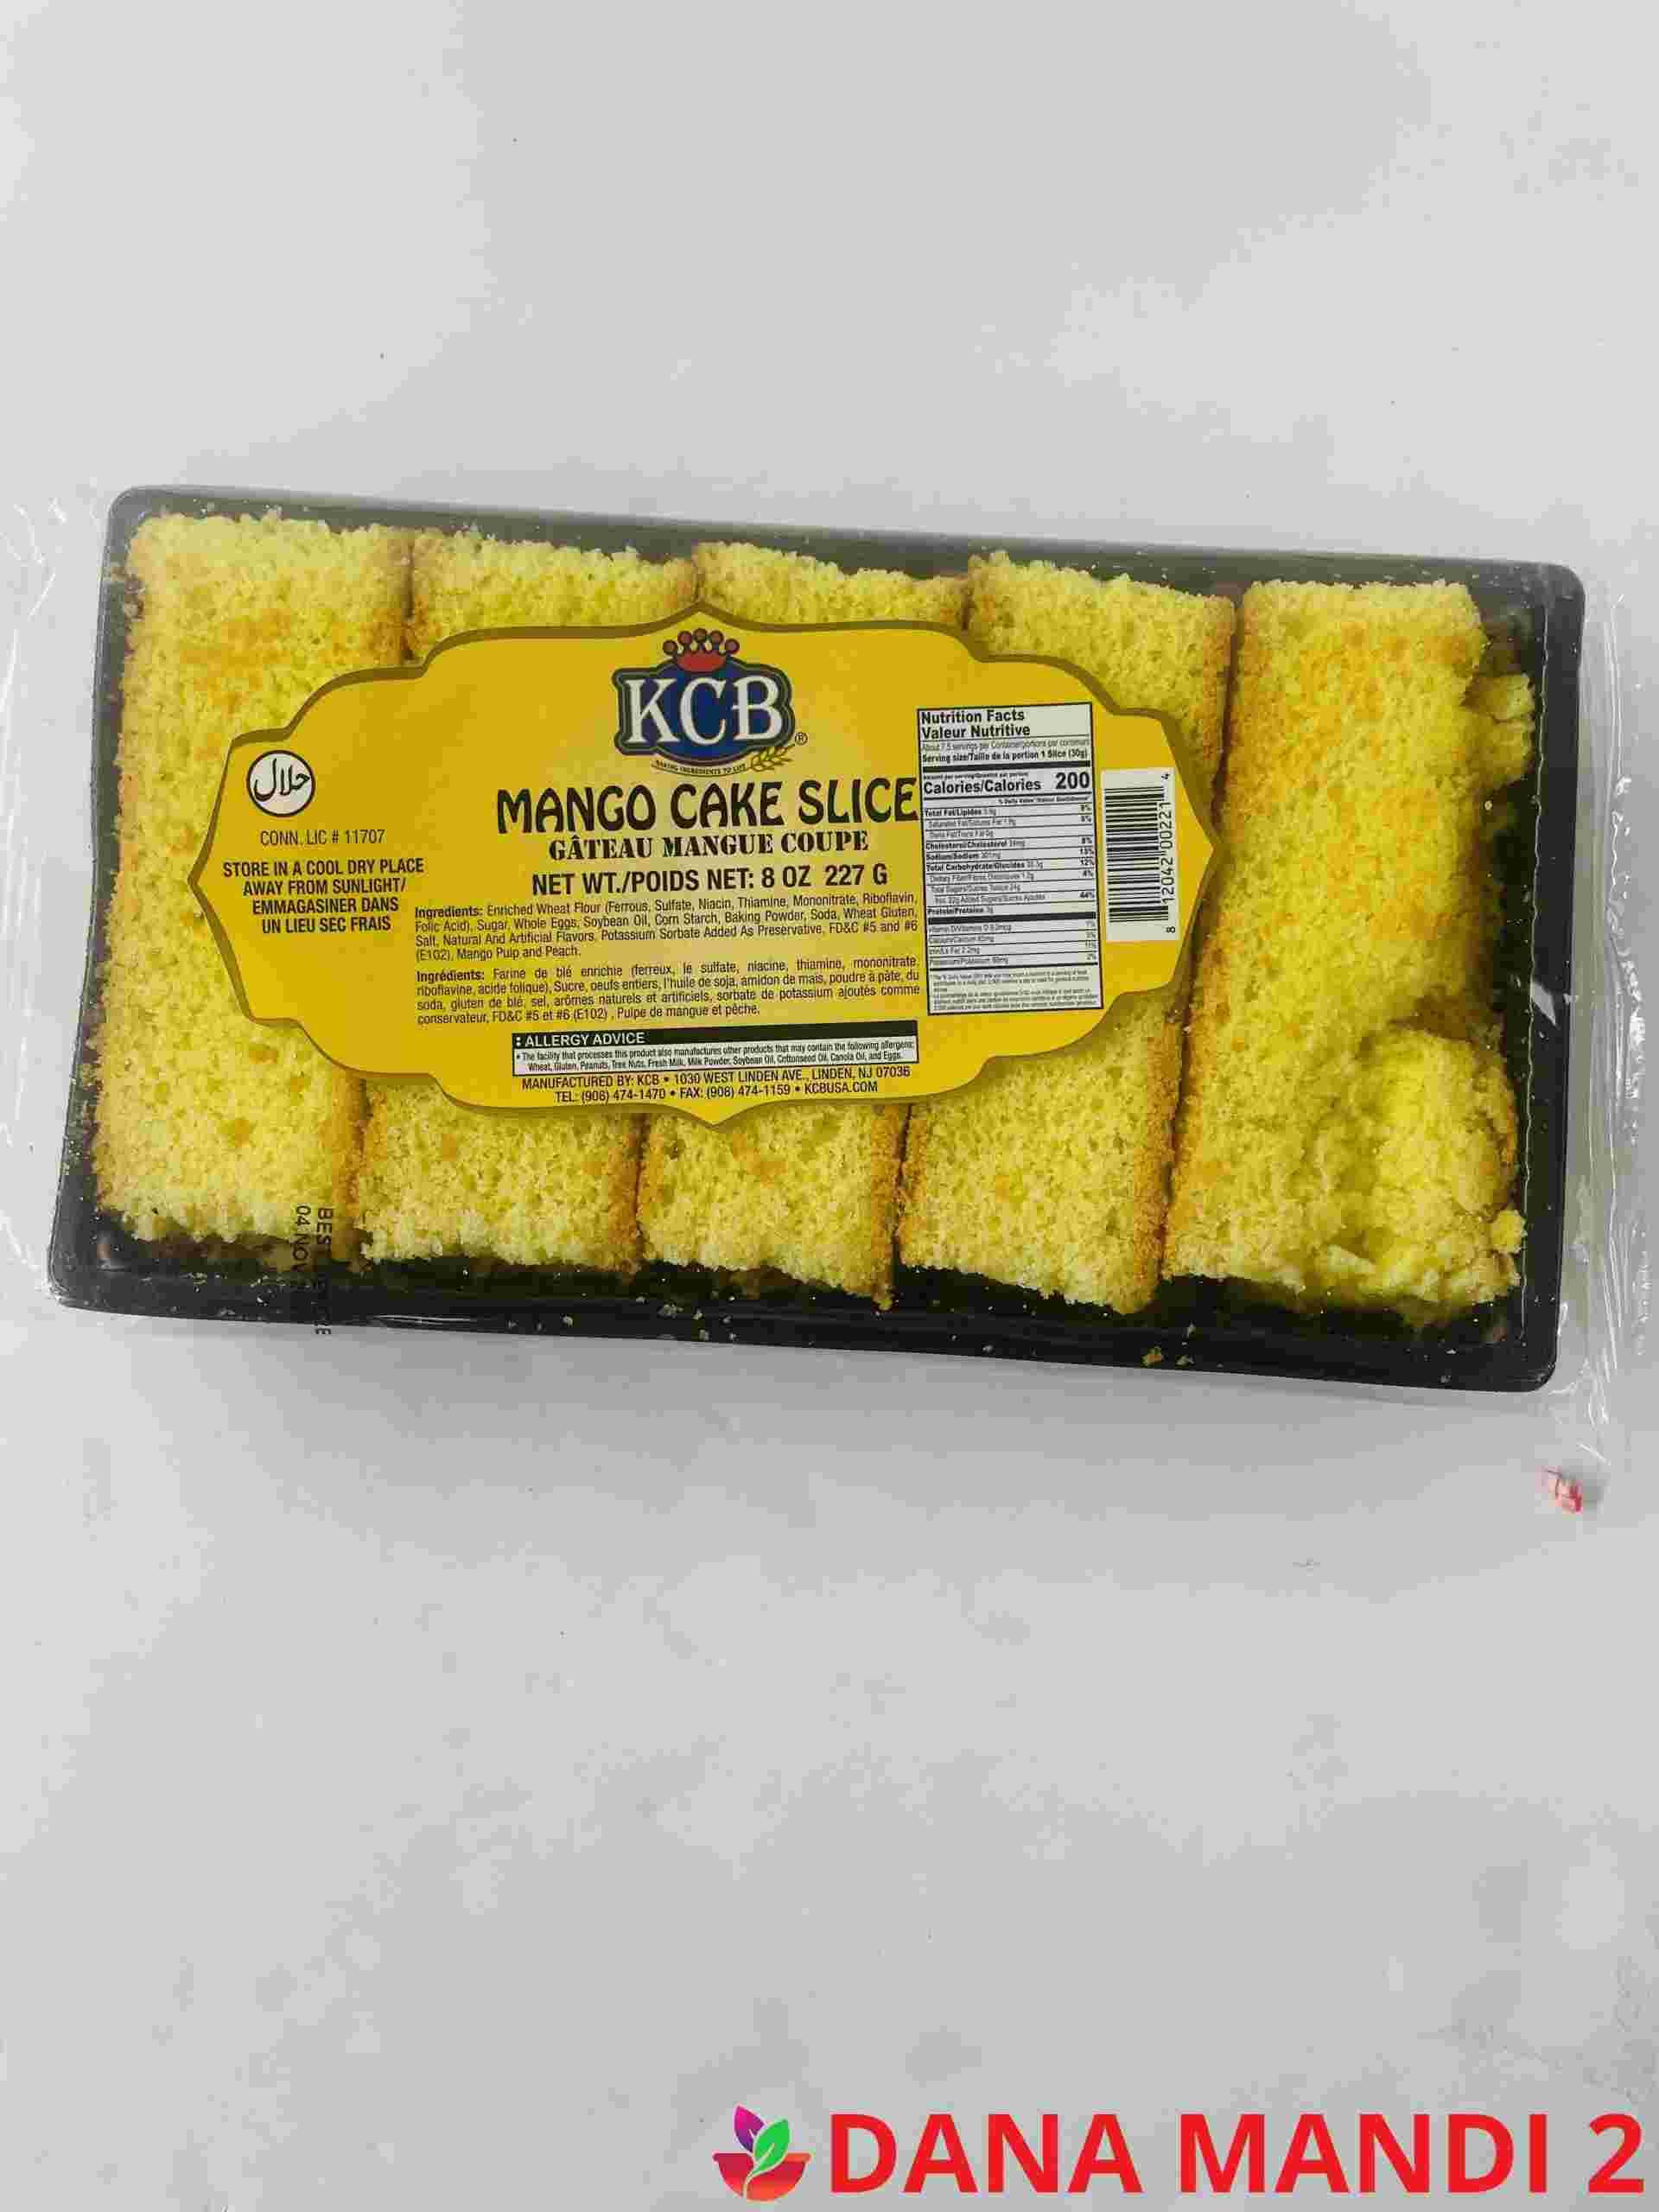 Kcb Mango Cake Slice